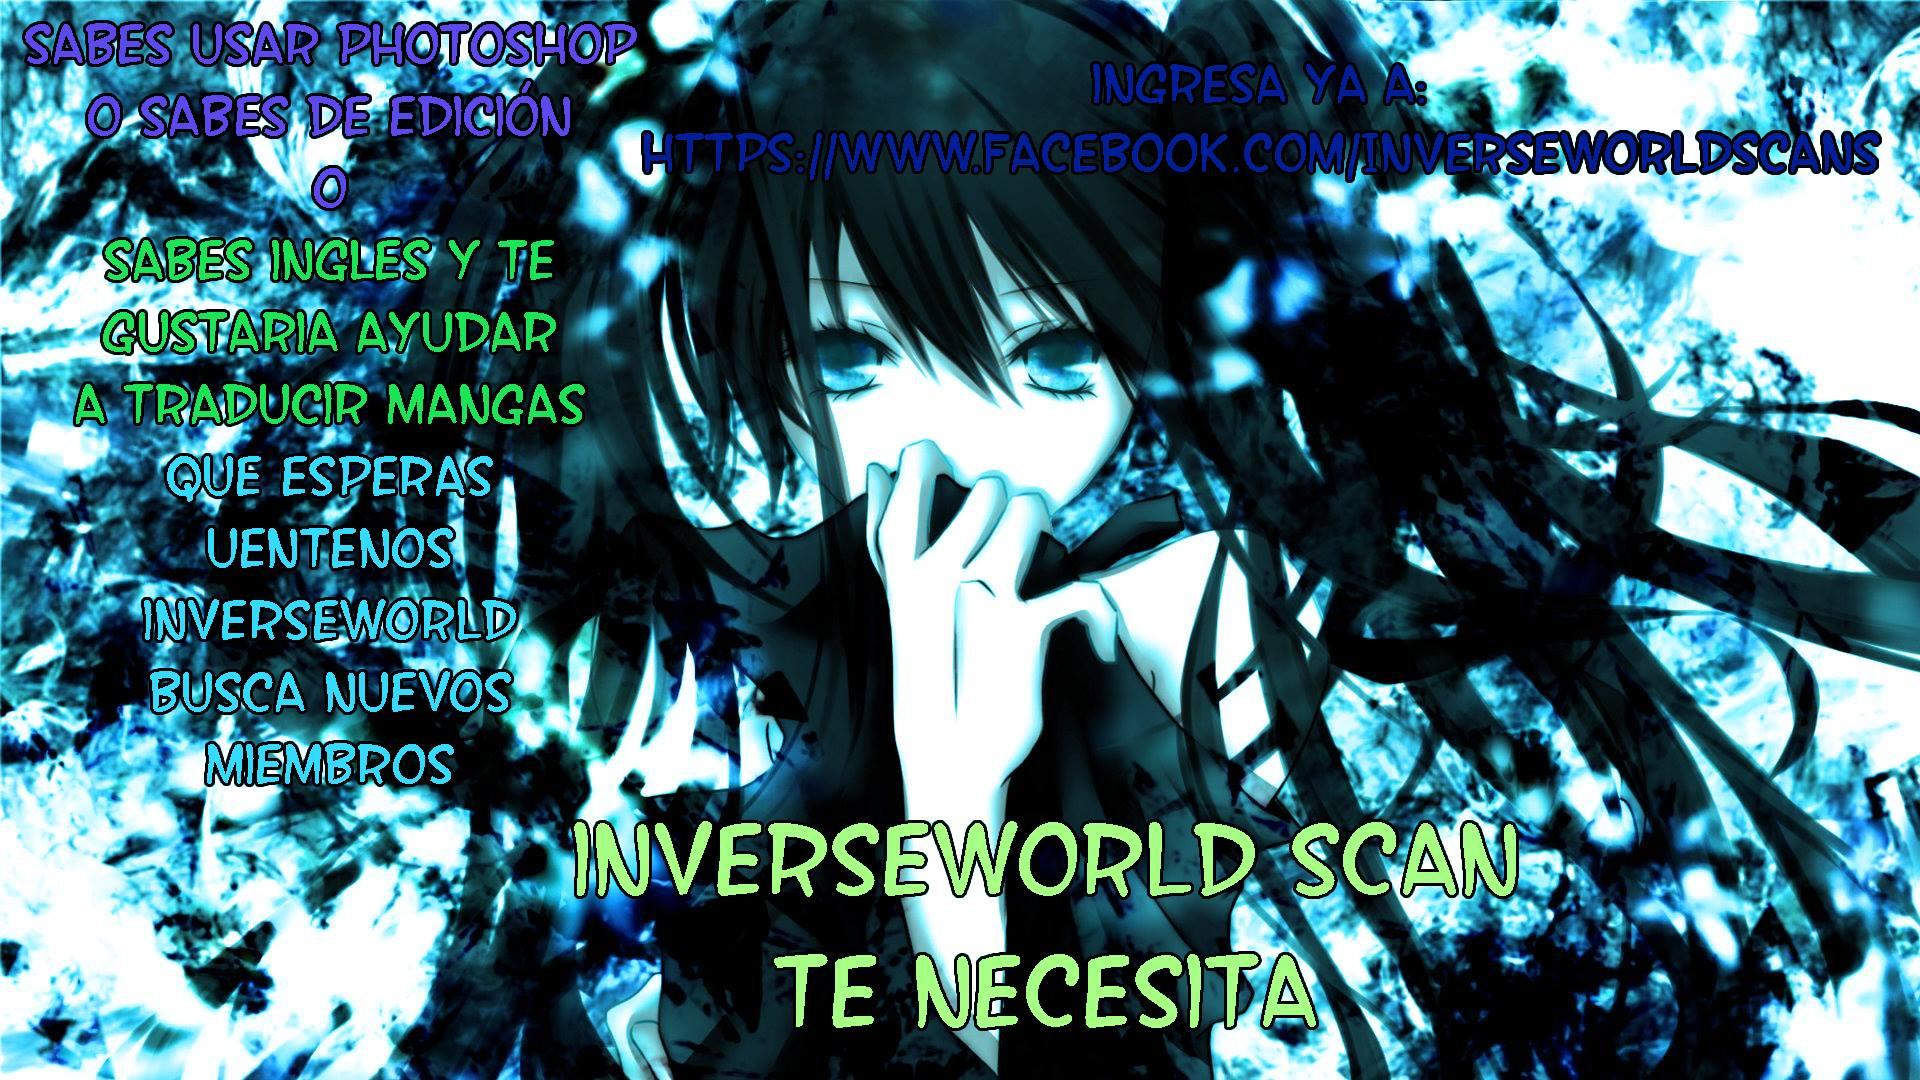 http://c5.ninemanga.com/es_manga/18/16210/415291/908855da11a4e23bba037645fcc2791a.jpg Page 1